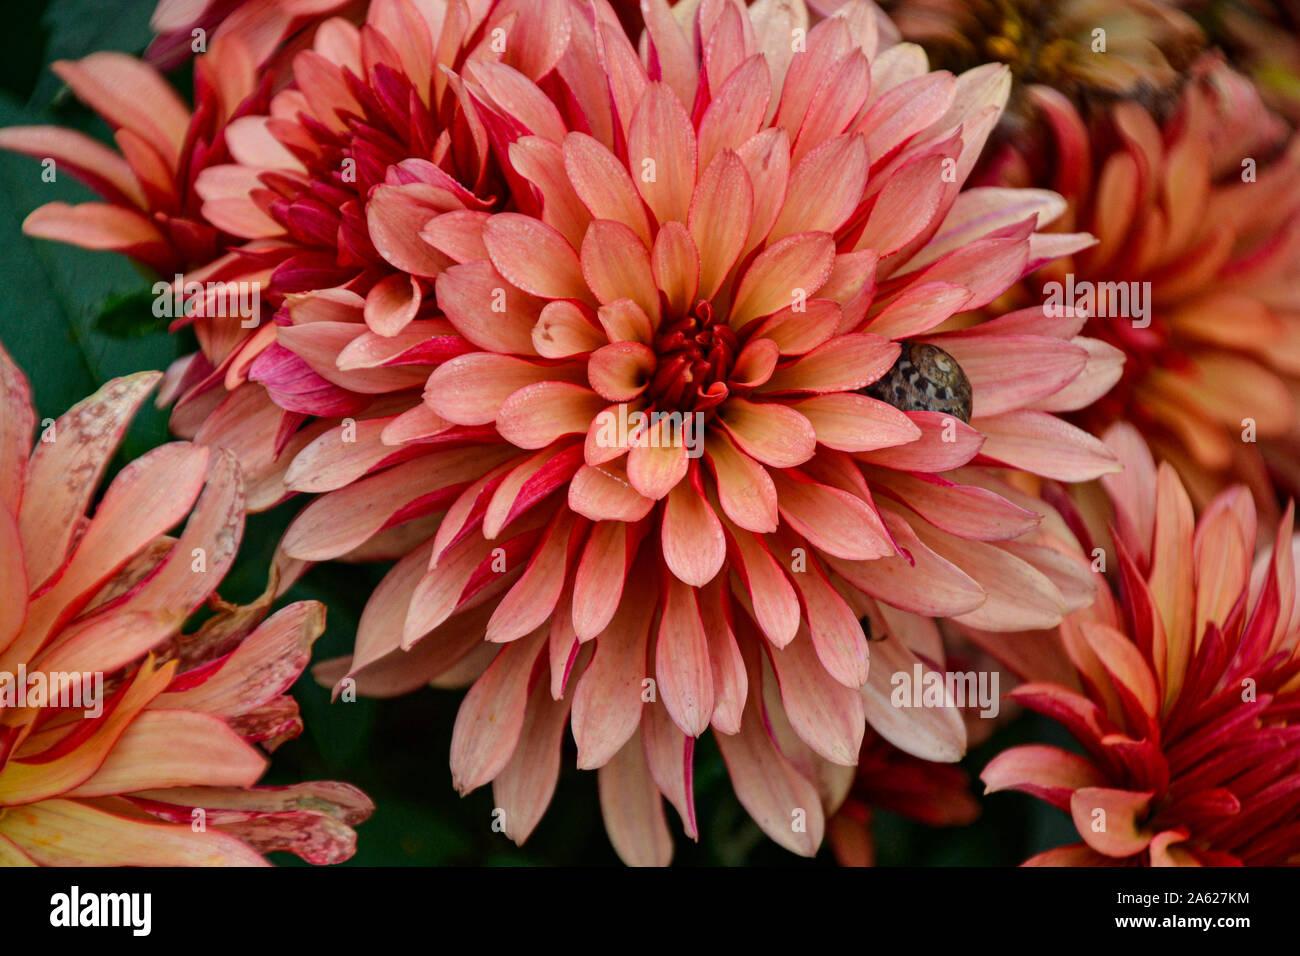 Blumen im blühenden Barock zur Kürbisausstellung / Herbstblumen / Herbstdekoration / Flowers in blooming Baroque for pumpkin exhibition / autumn flowe Stock Photo